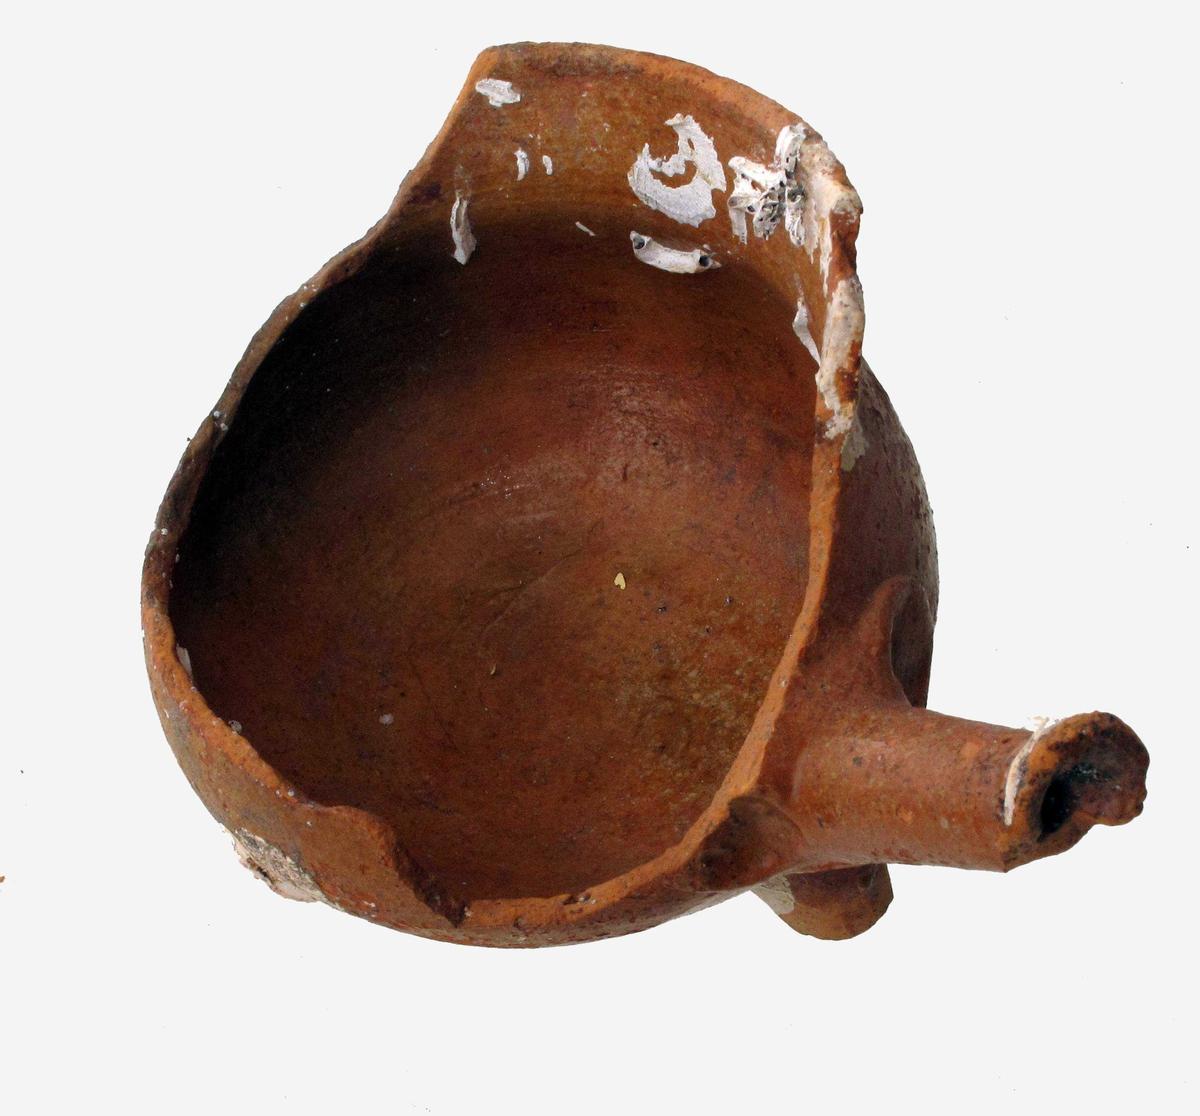 Stjertpotte,  liten.   Leirtøy,  rødbrunt gods, rødbrun   glasur  med hvitt skjellbelegg.   H. 9. Opprinnelig munning ca. 10.  Liten, usotet potte på tre kraftige korte ben,  rundet korpus, rett oppstående brem med profilringer  på utsiden, rørformet tynn stjerthank med et finger-  avtrykk på hver side i godset.    Tilstand: litt av hanken avslått ytterst, en stor del av siden avslått, noe av bruddkanten  ser ut til å være ny.